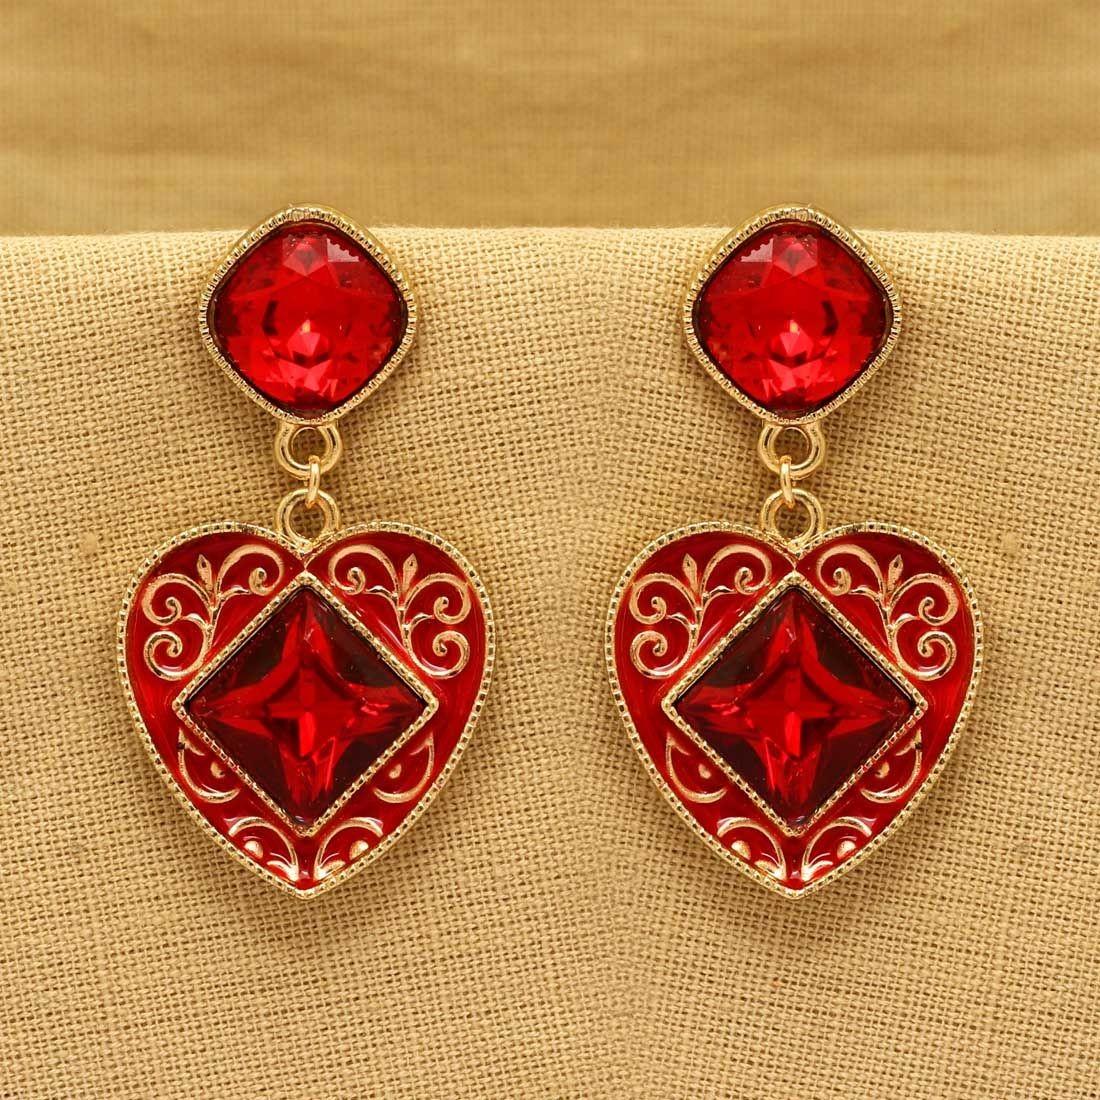 Pendientes rojos de corazon